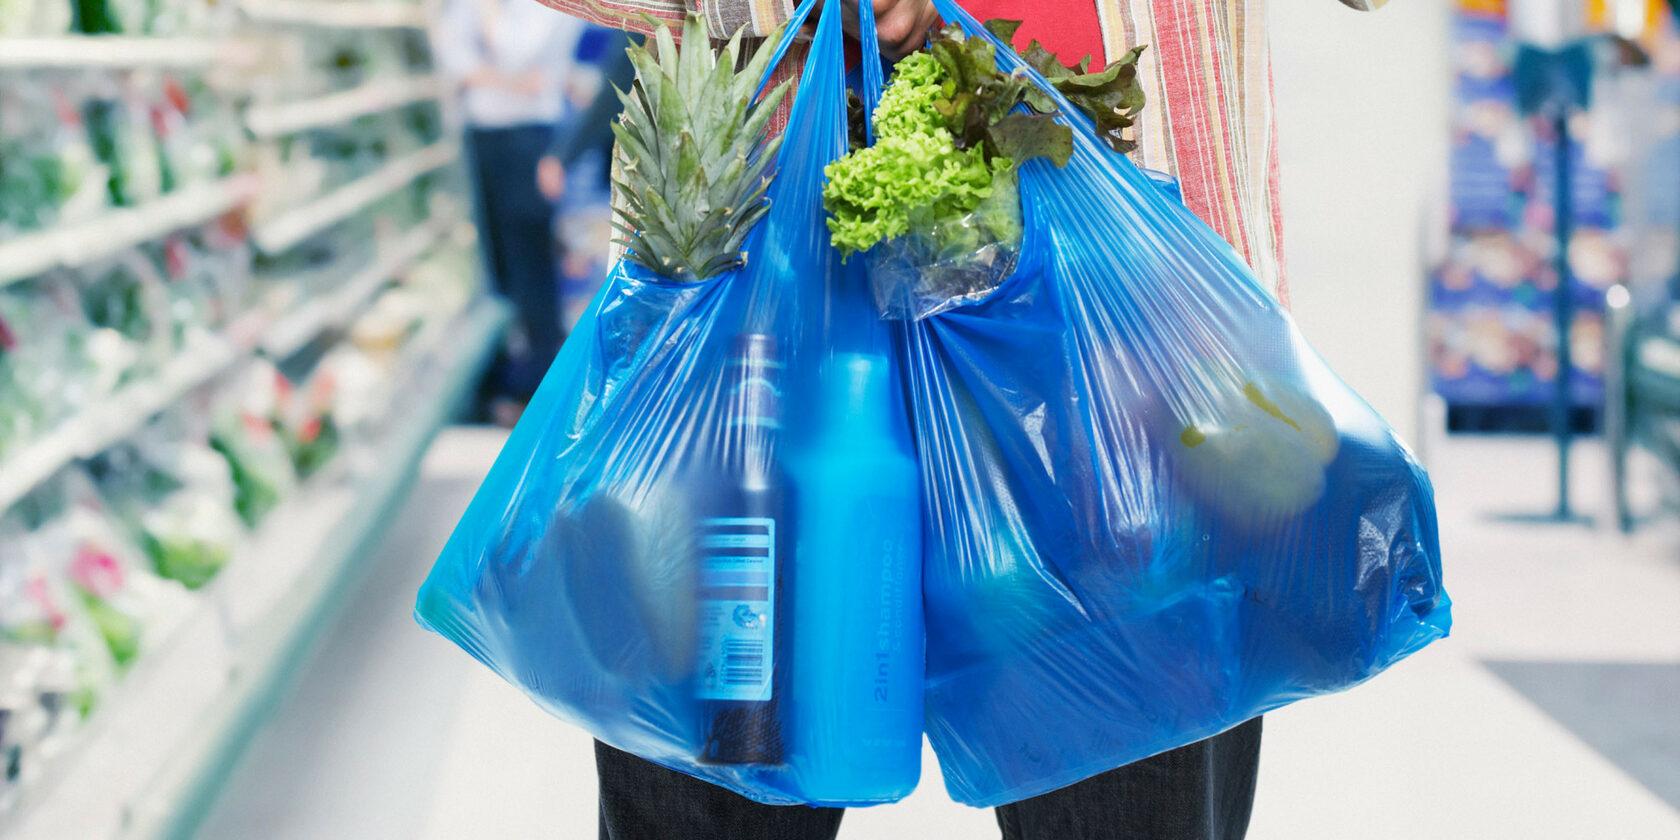 Рада запретила продажу пластиковых пакетов. Назначили штрафы